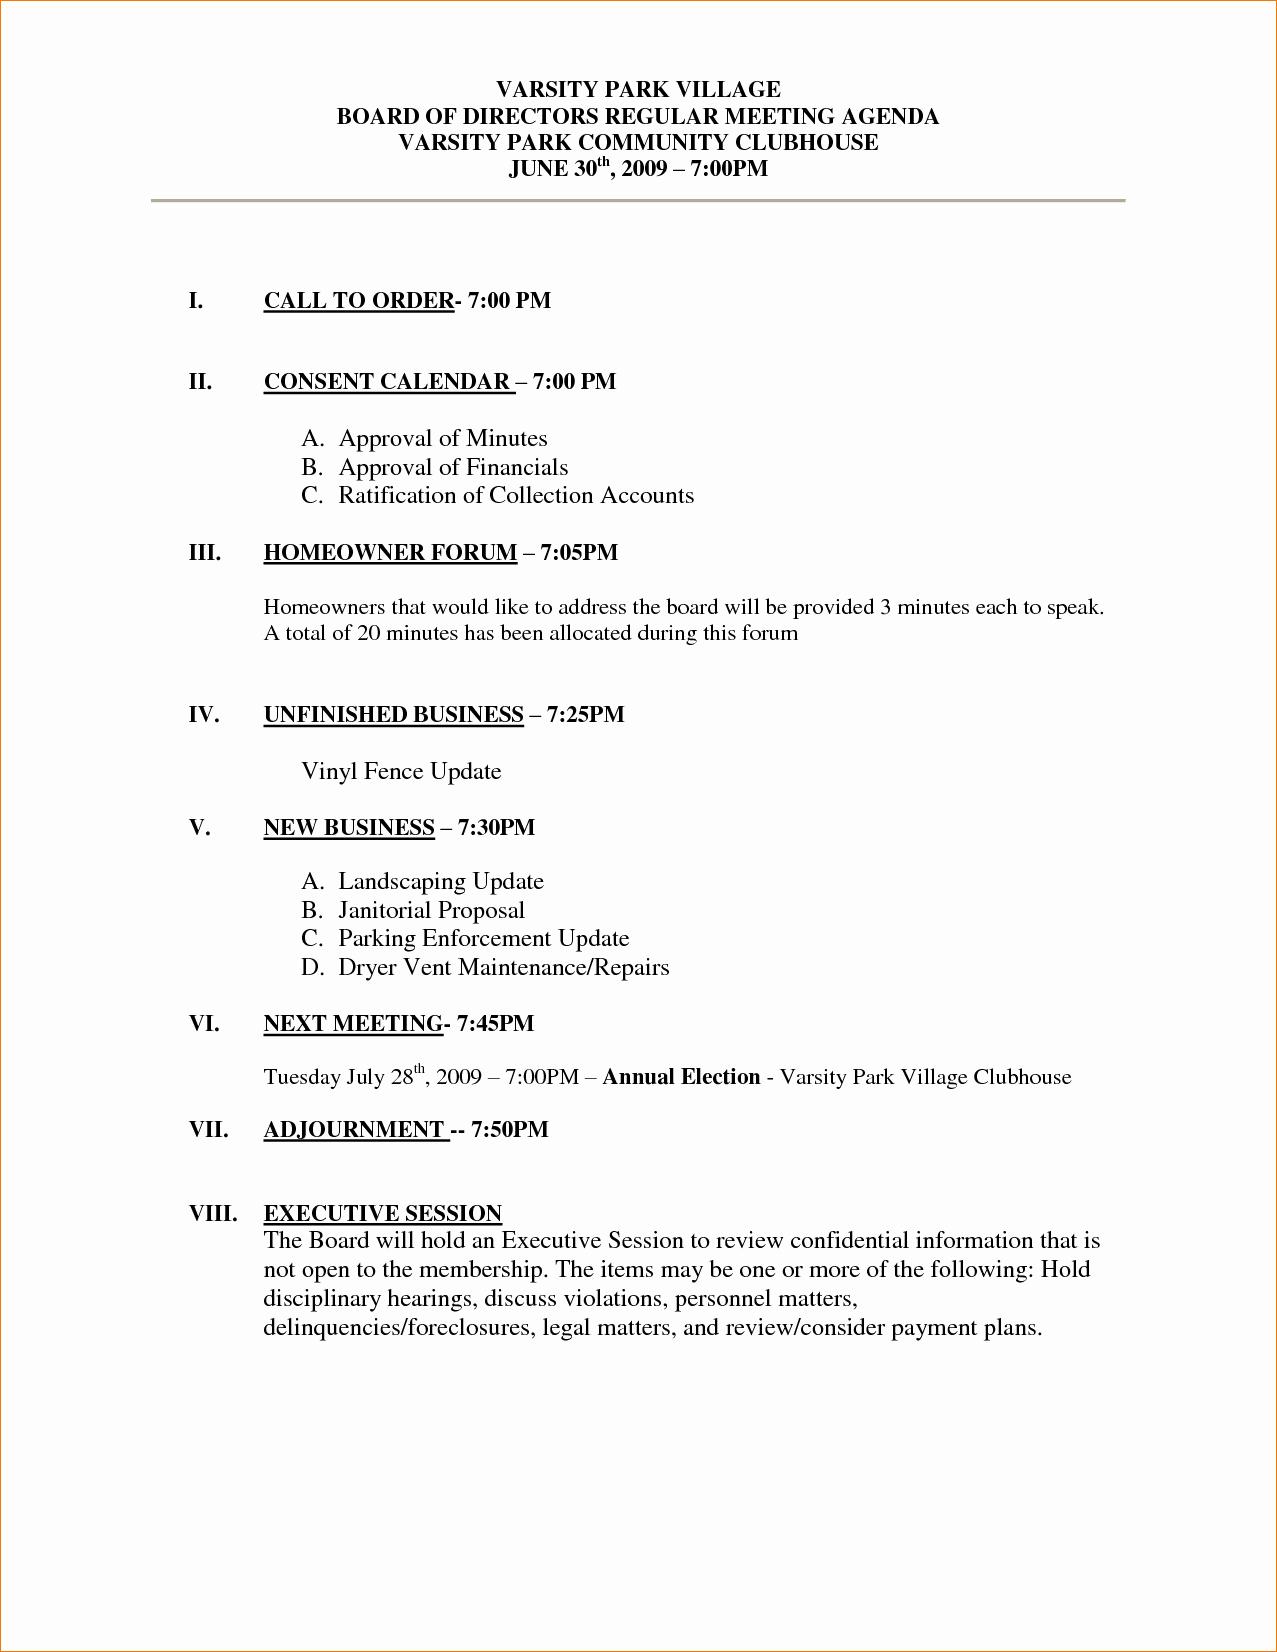 Sample Of A Meeting Agenda Beautiful 11 Meeting Agenda Sampleagenda Template Sample